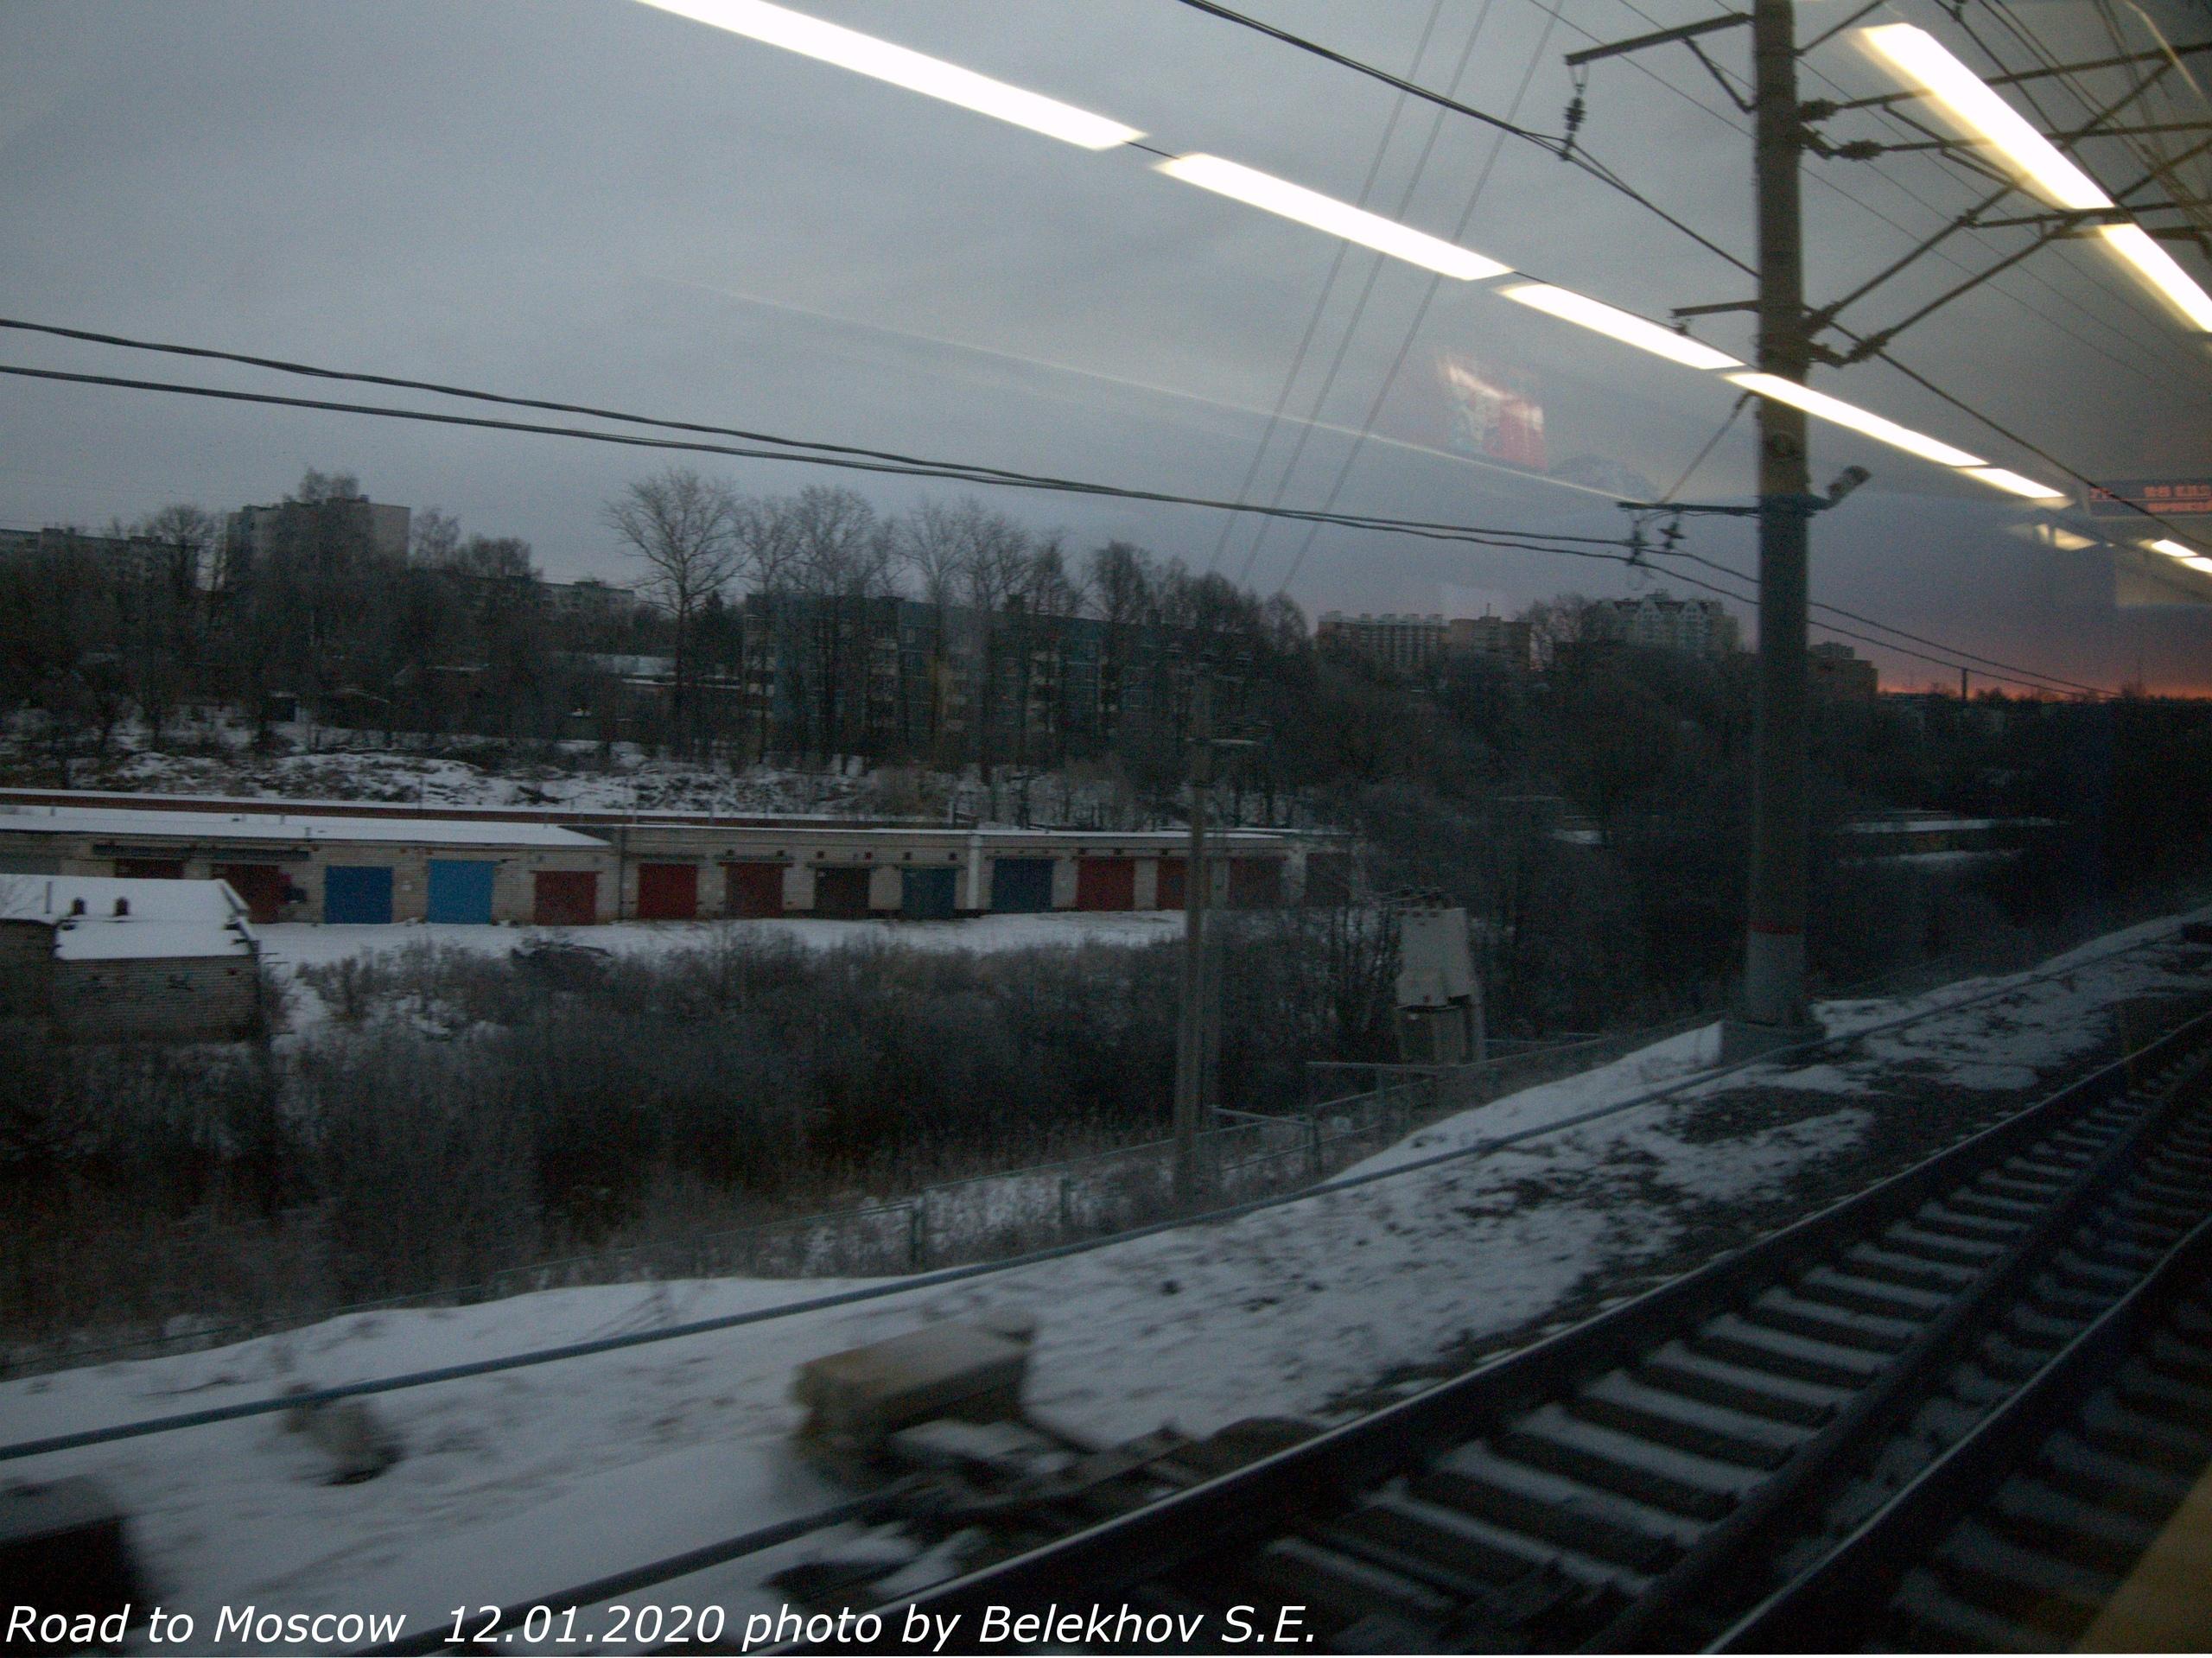 железная дорога, Питер - Москва